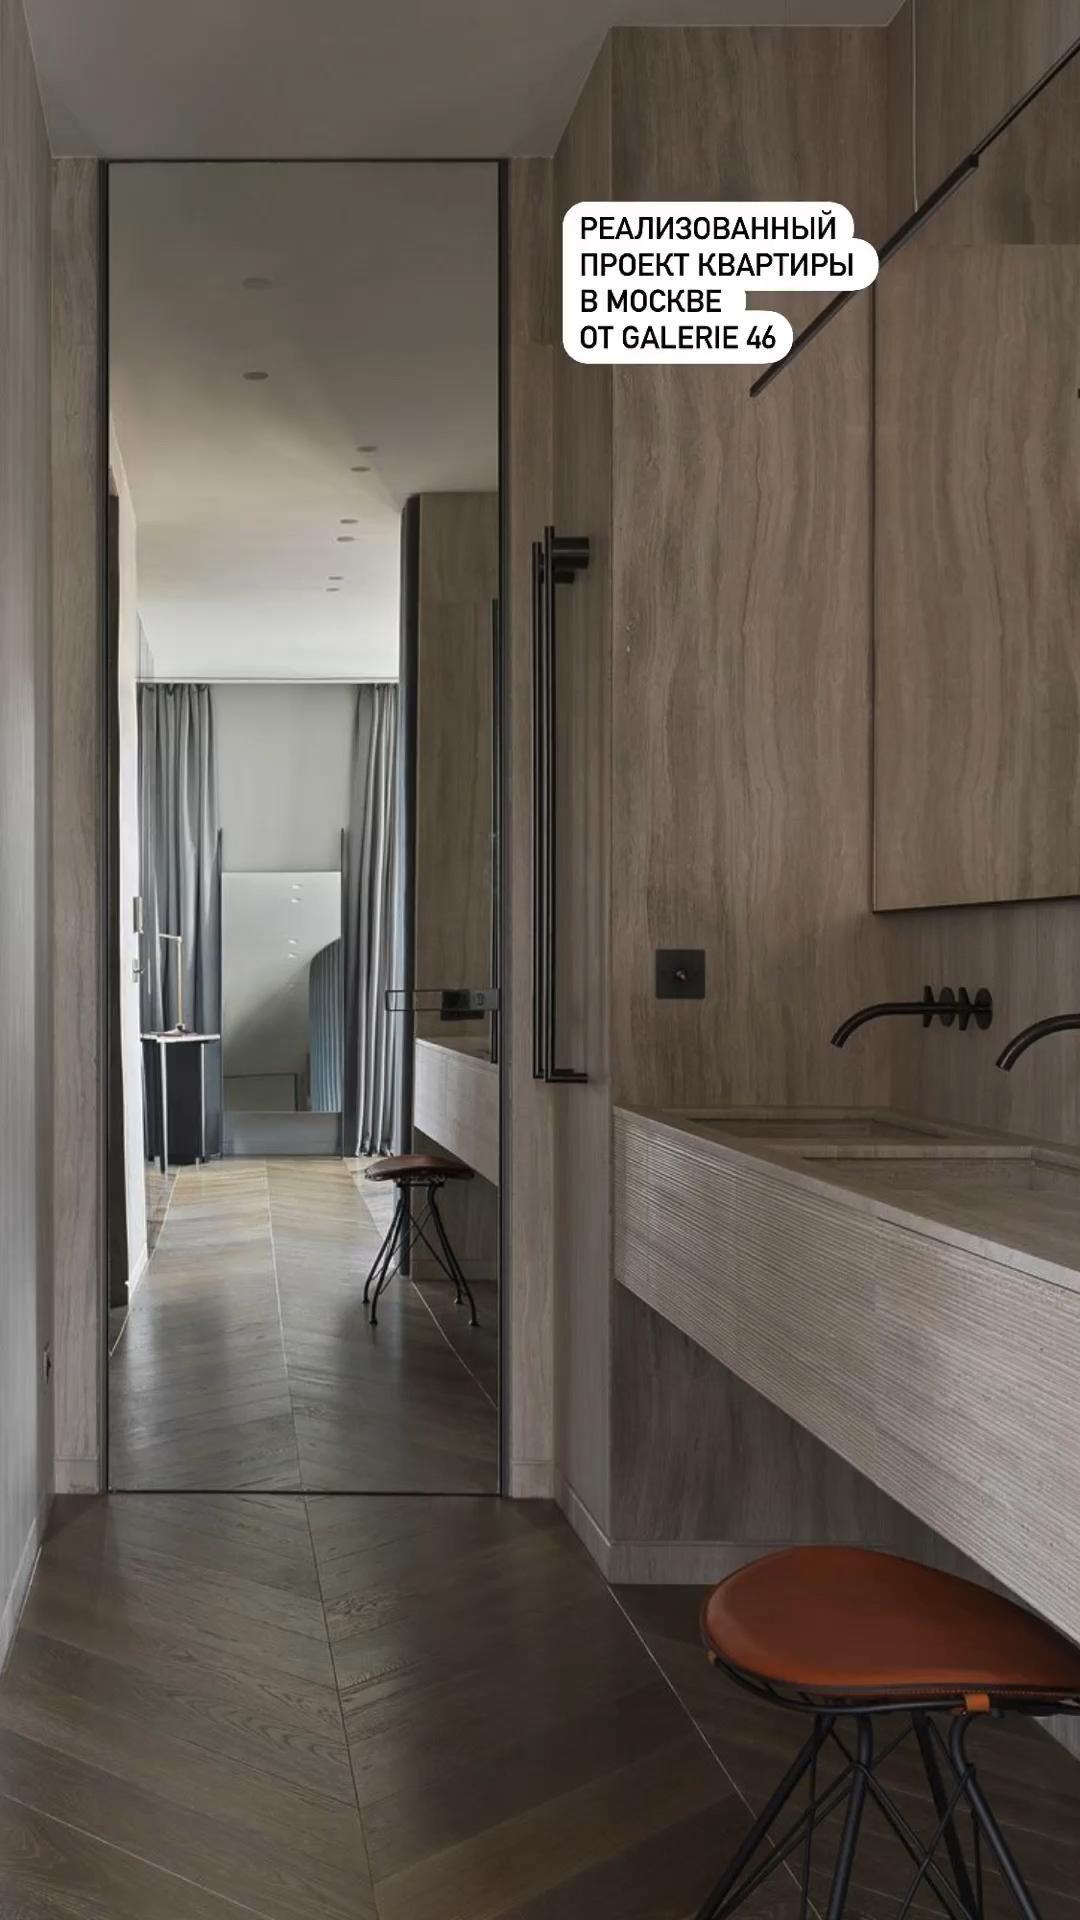 Реализованный проект квартиры в Москве от GALERIE 46